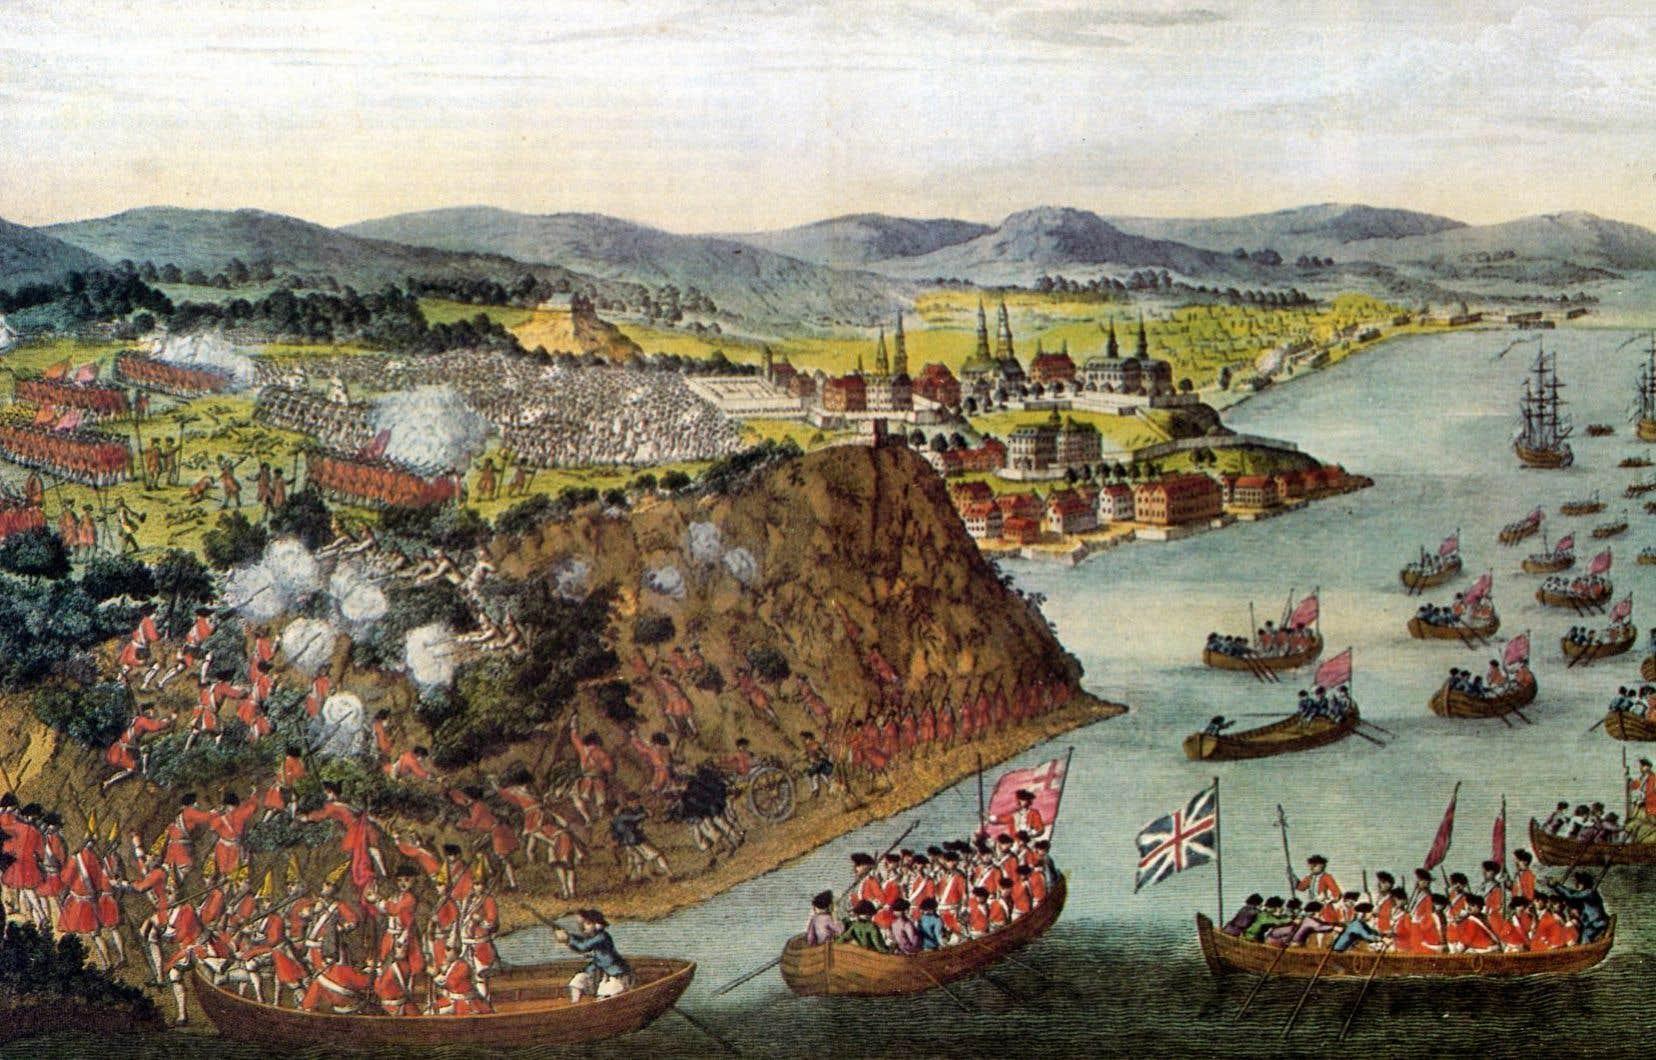 Bataille des plaines d'Abraham en 1759. Sous le commandement du général Wolfe, les hommes escaladent les hauteurs afin de prendre les défenseurs de Québec par surprise.